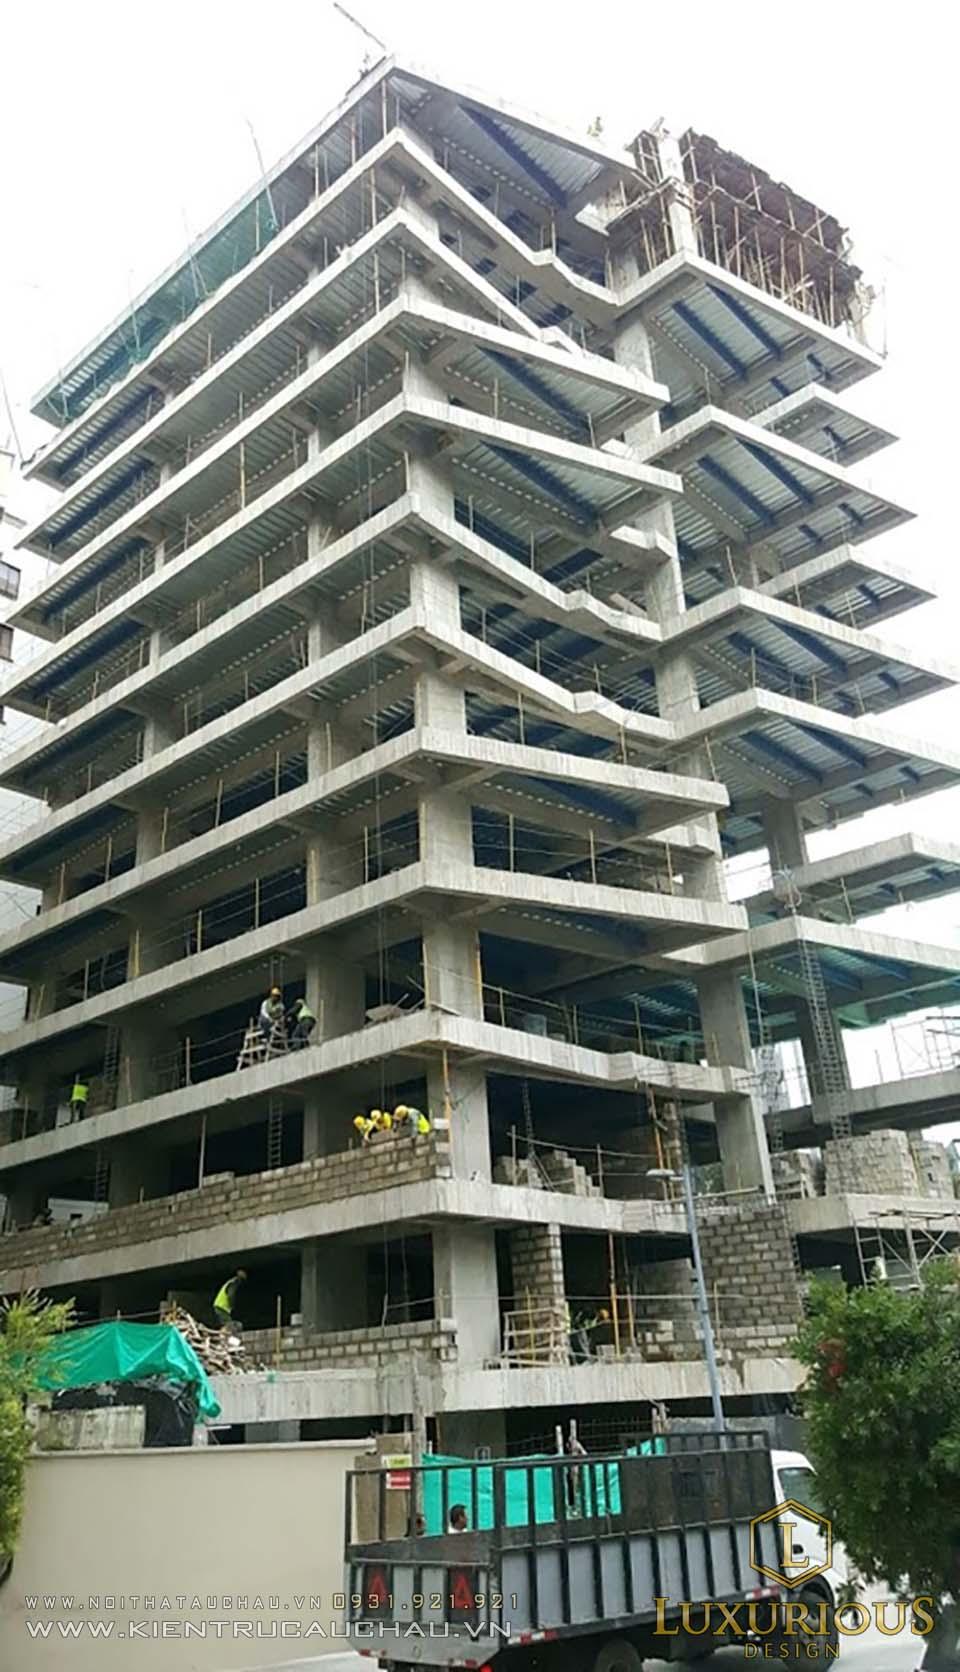 Thi công xây dựng khách sạn nha trang